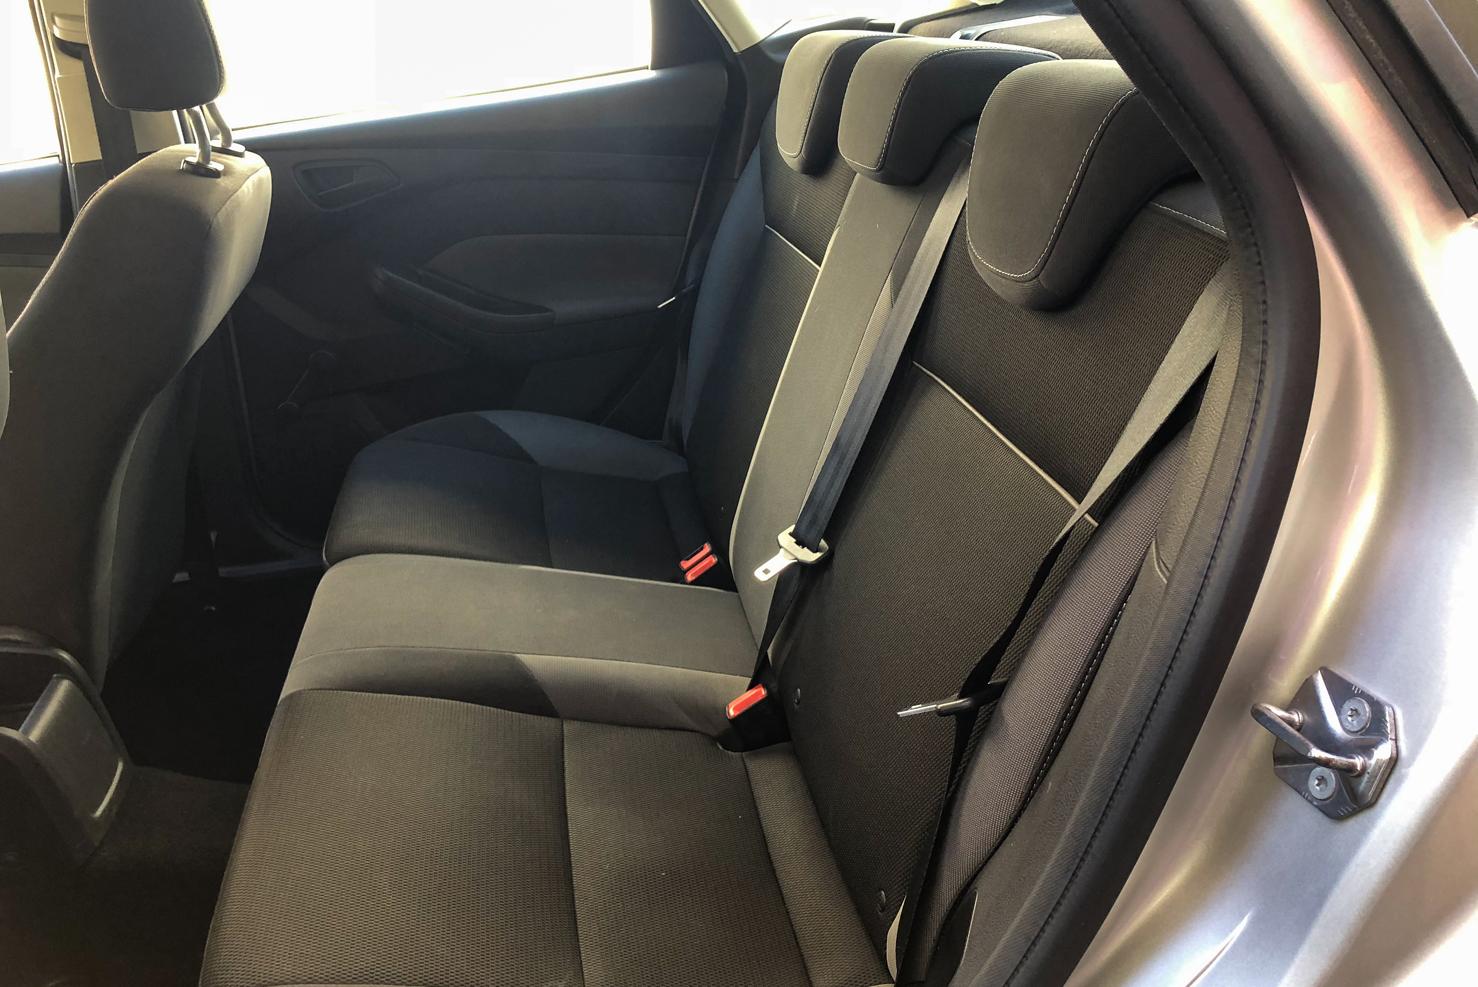 Ford Focus (Sedanes Compactos)